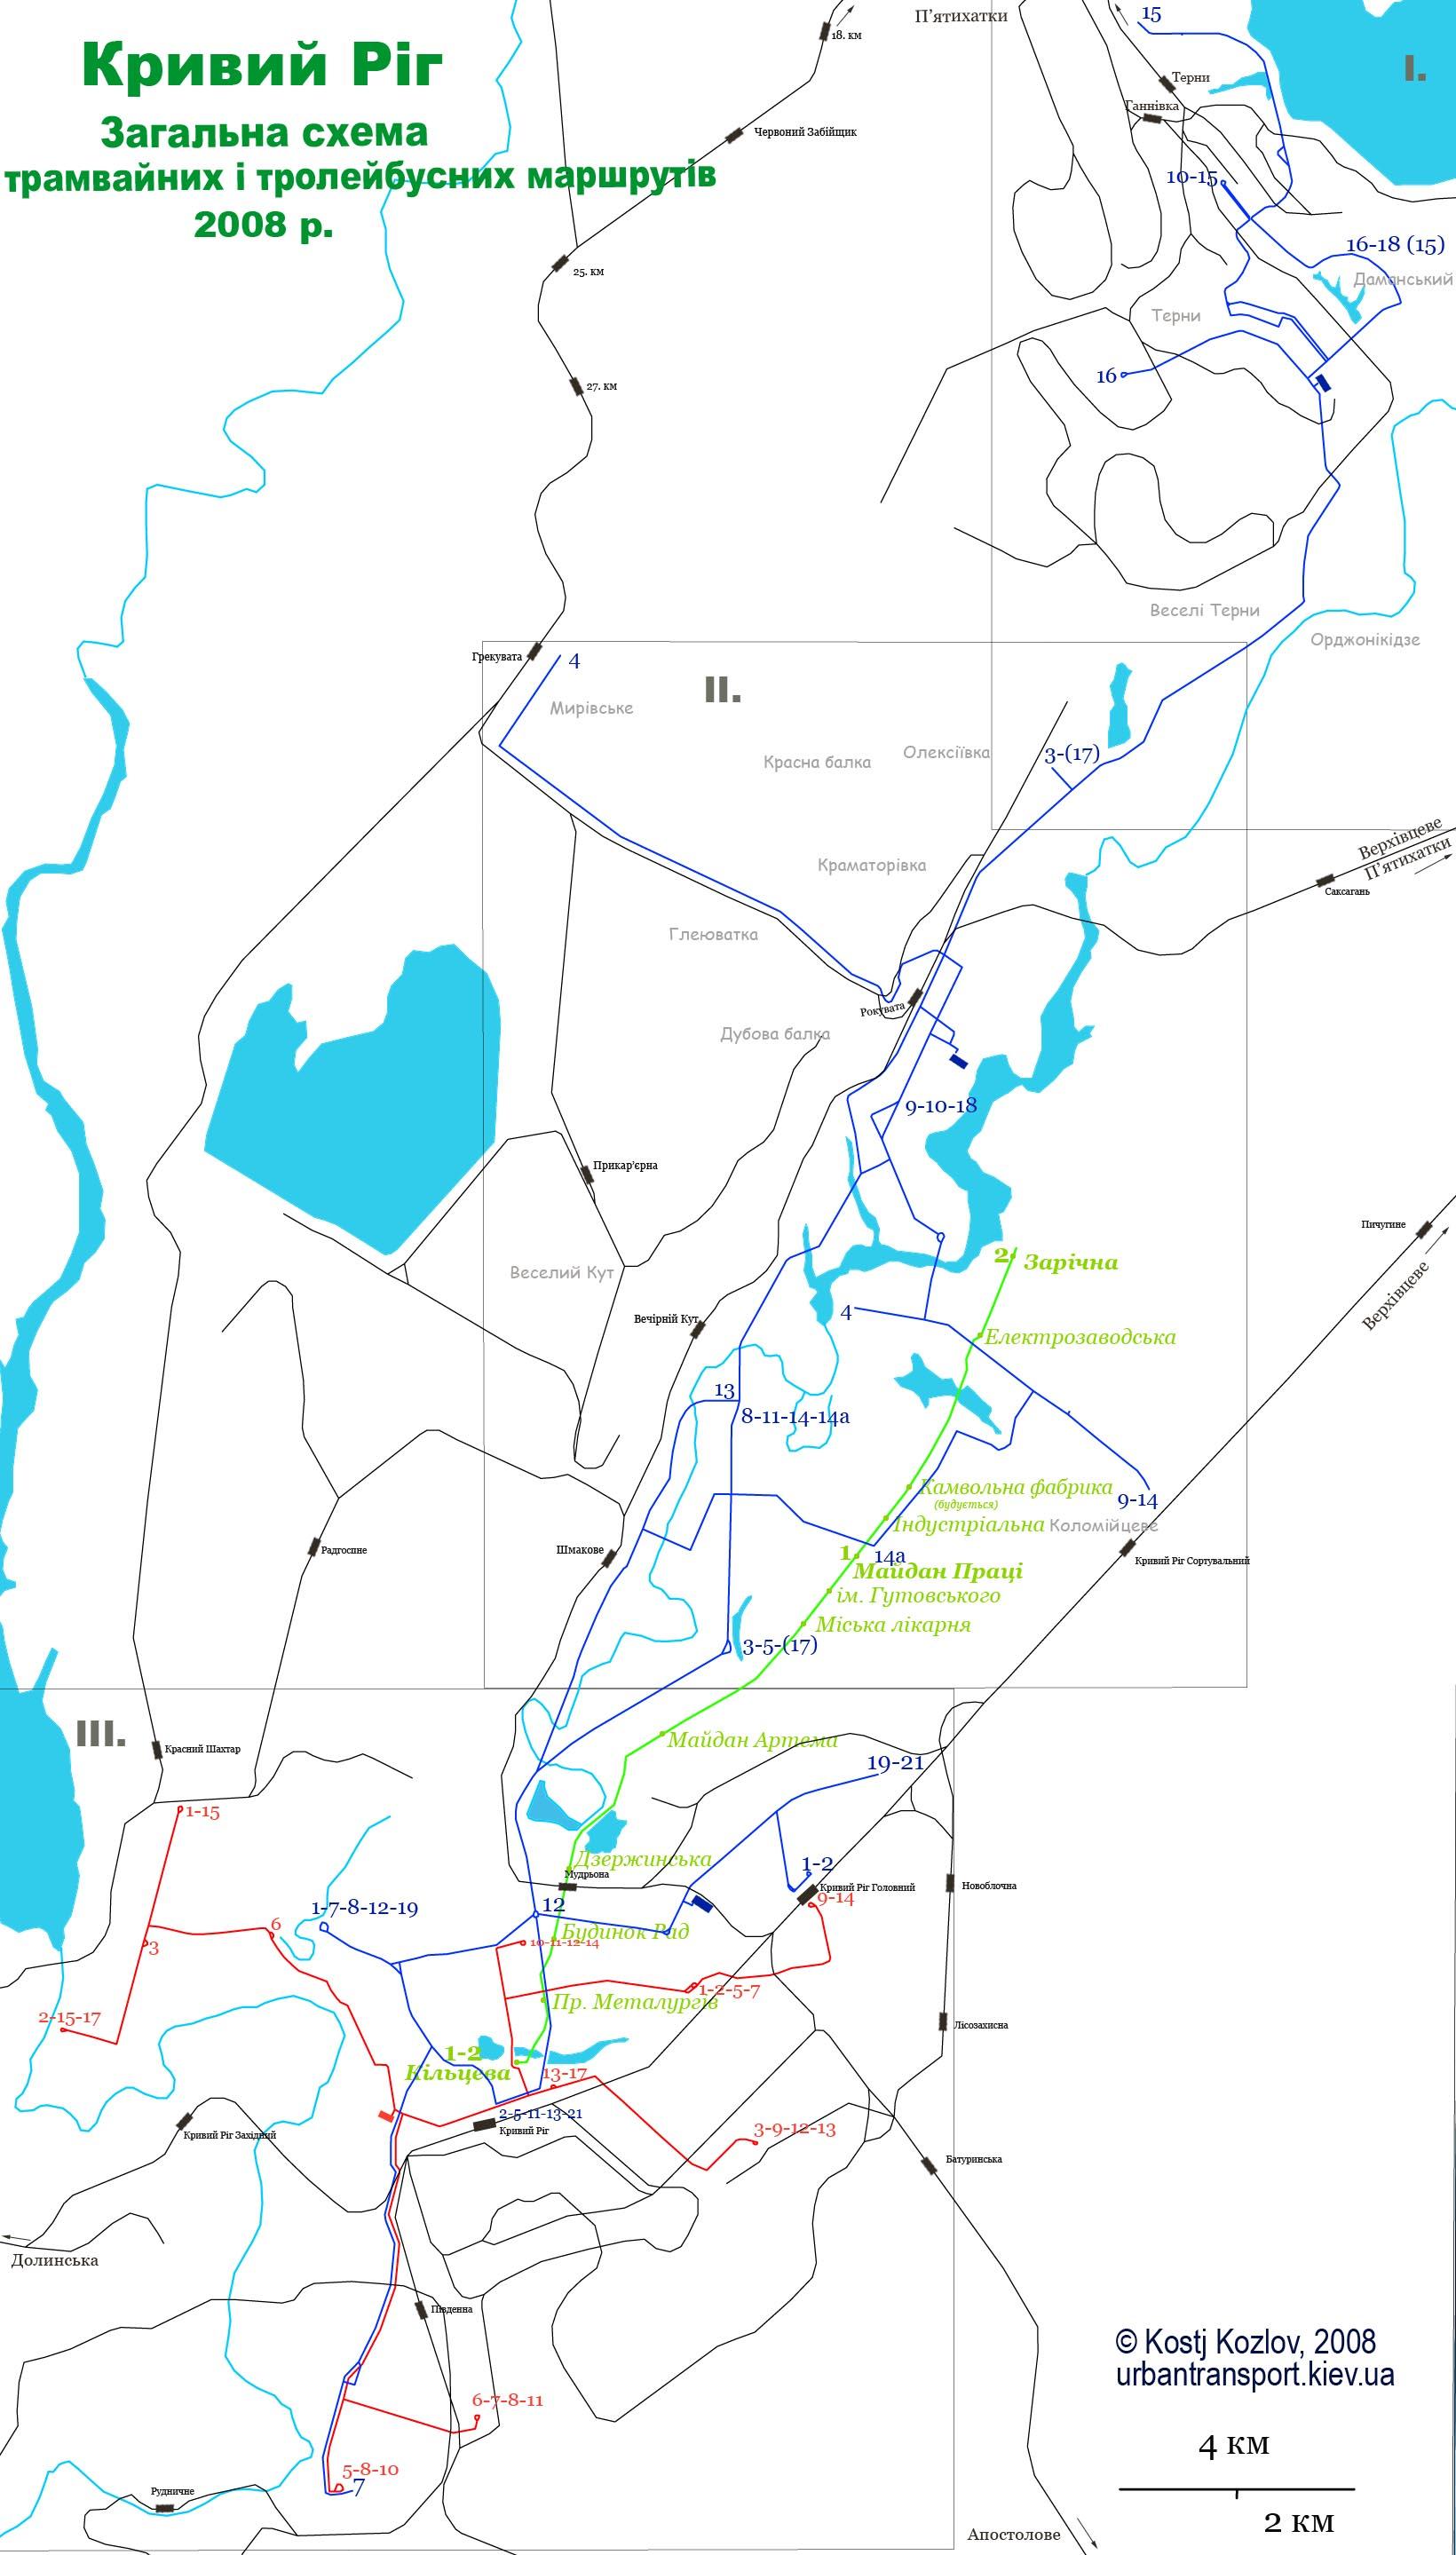 Схема маршрутов маршруток кривого рога